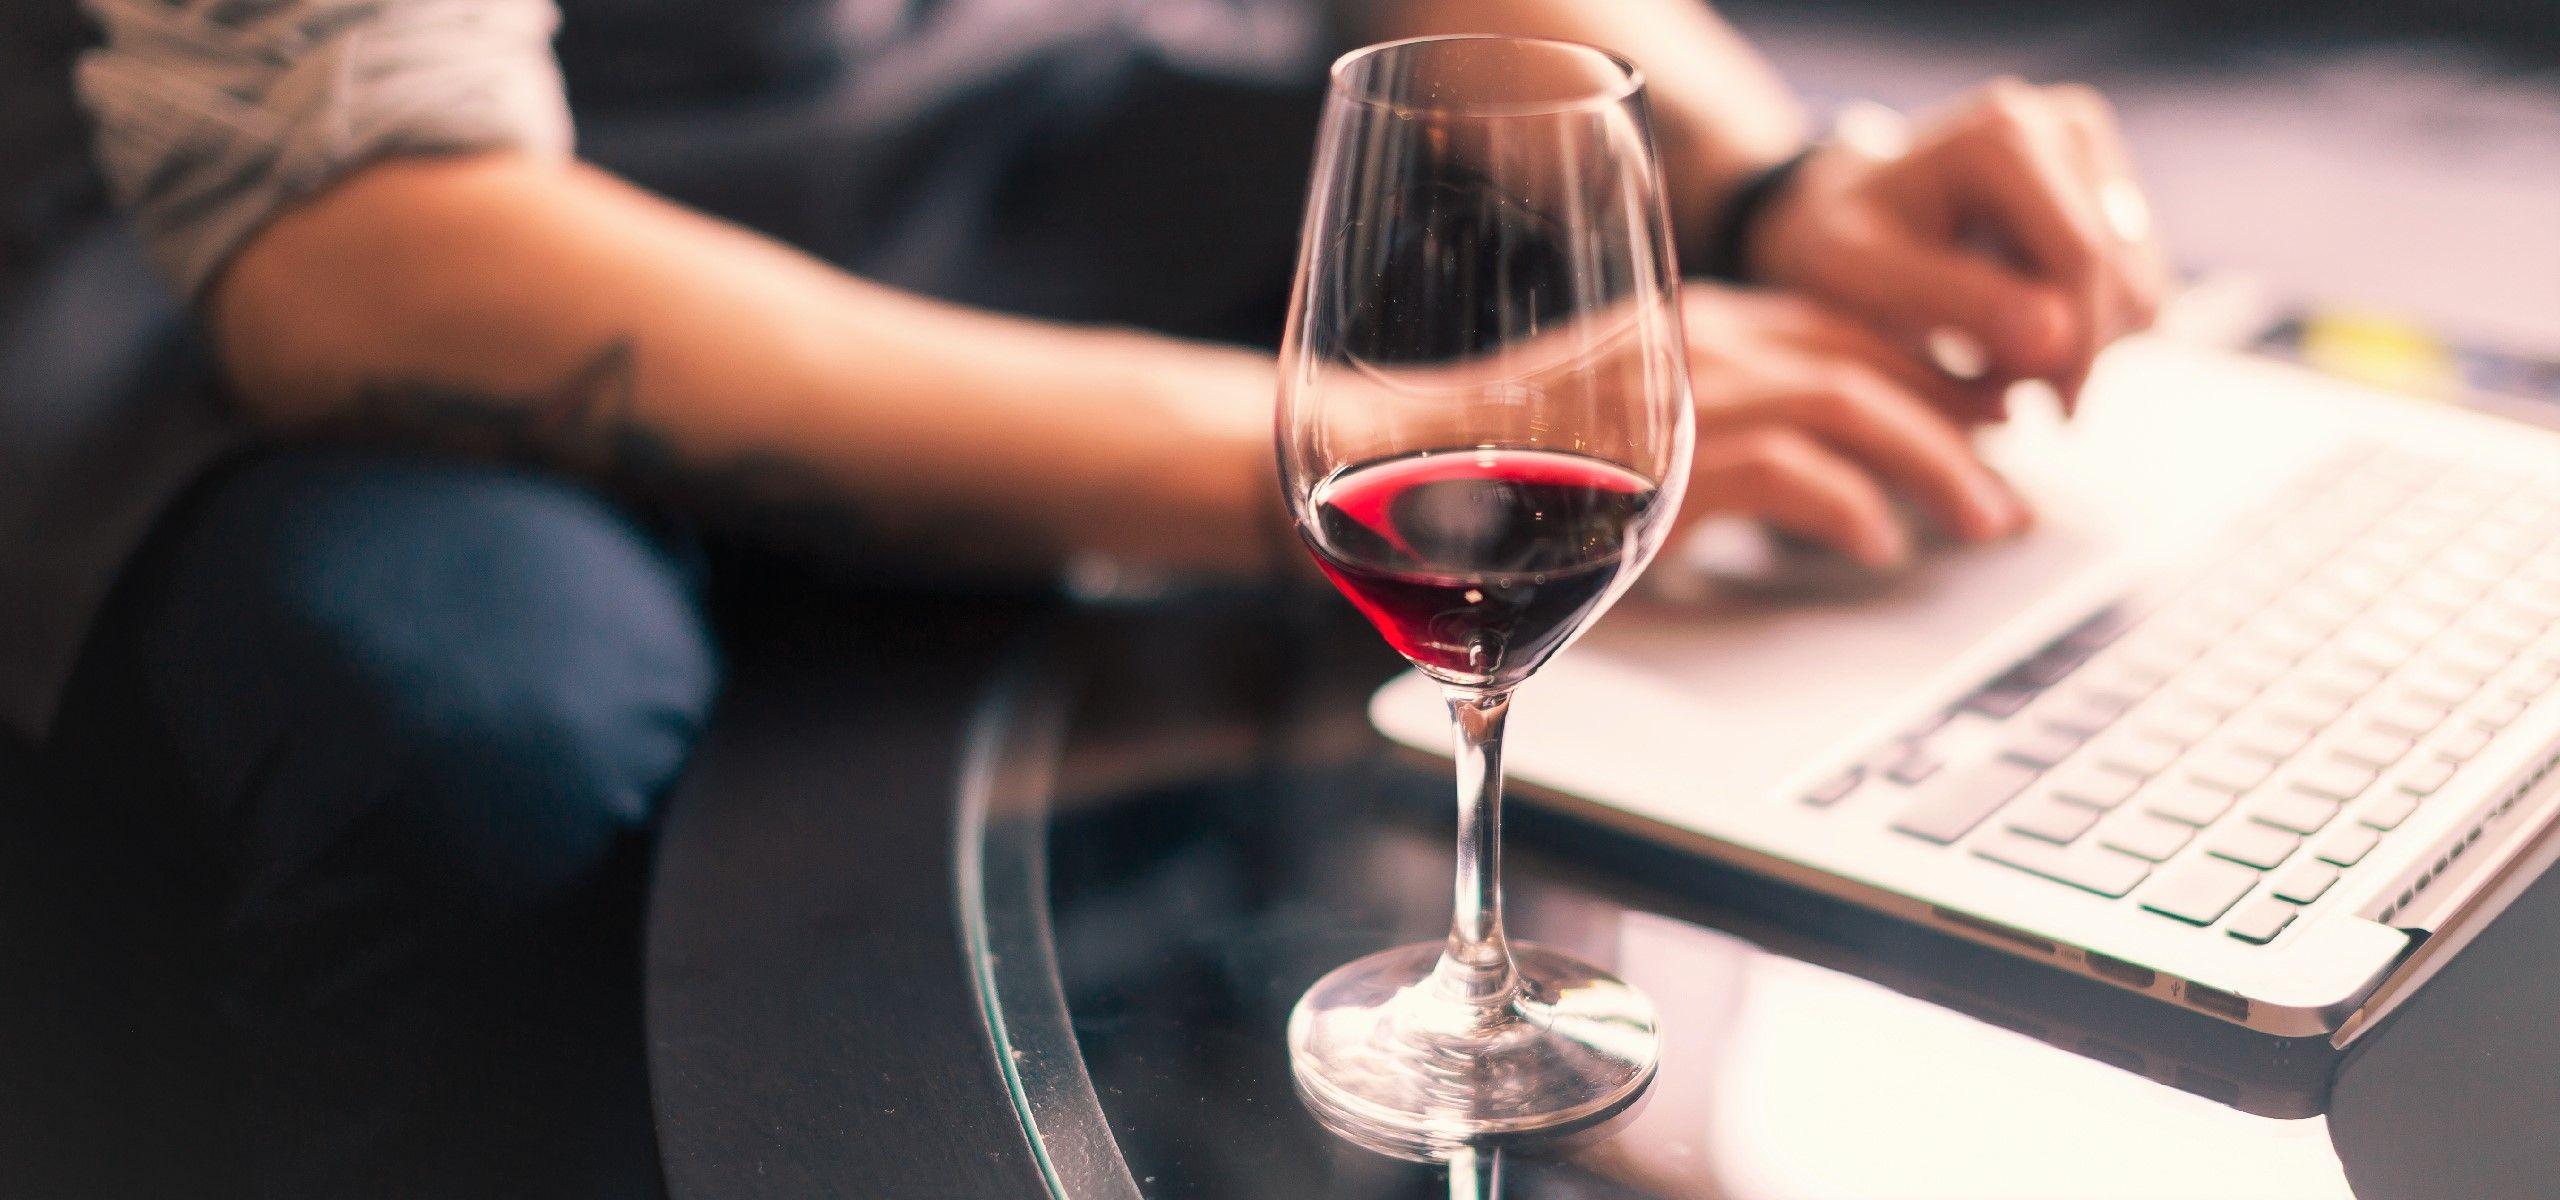 comprar-vinho-online.jpg